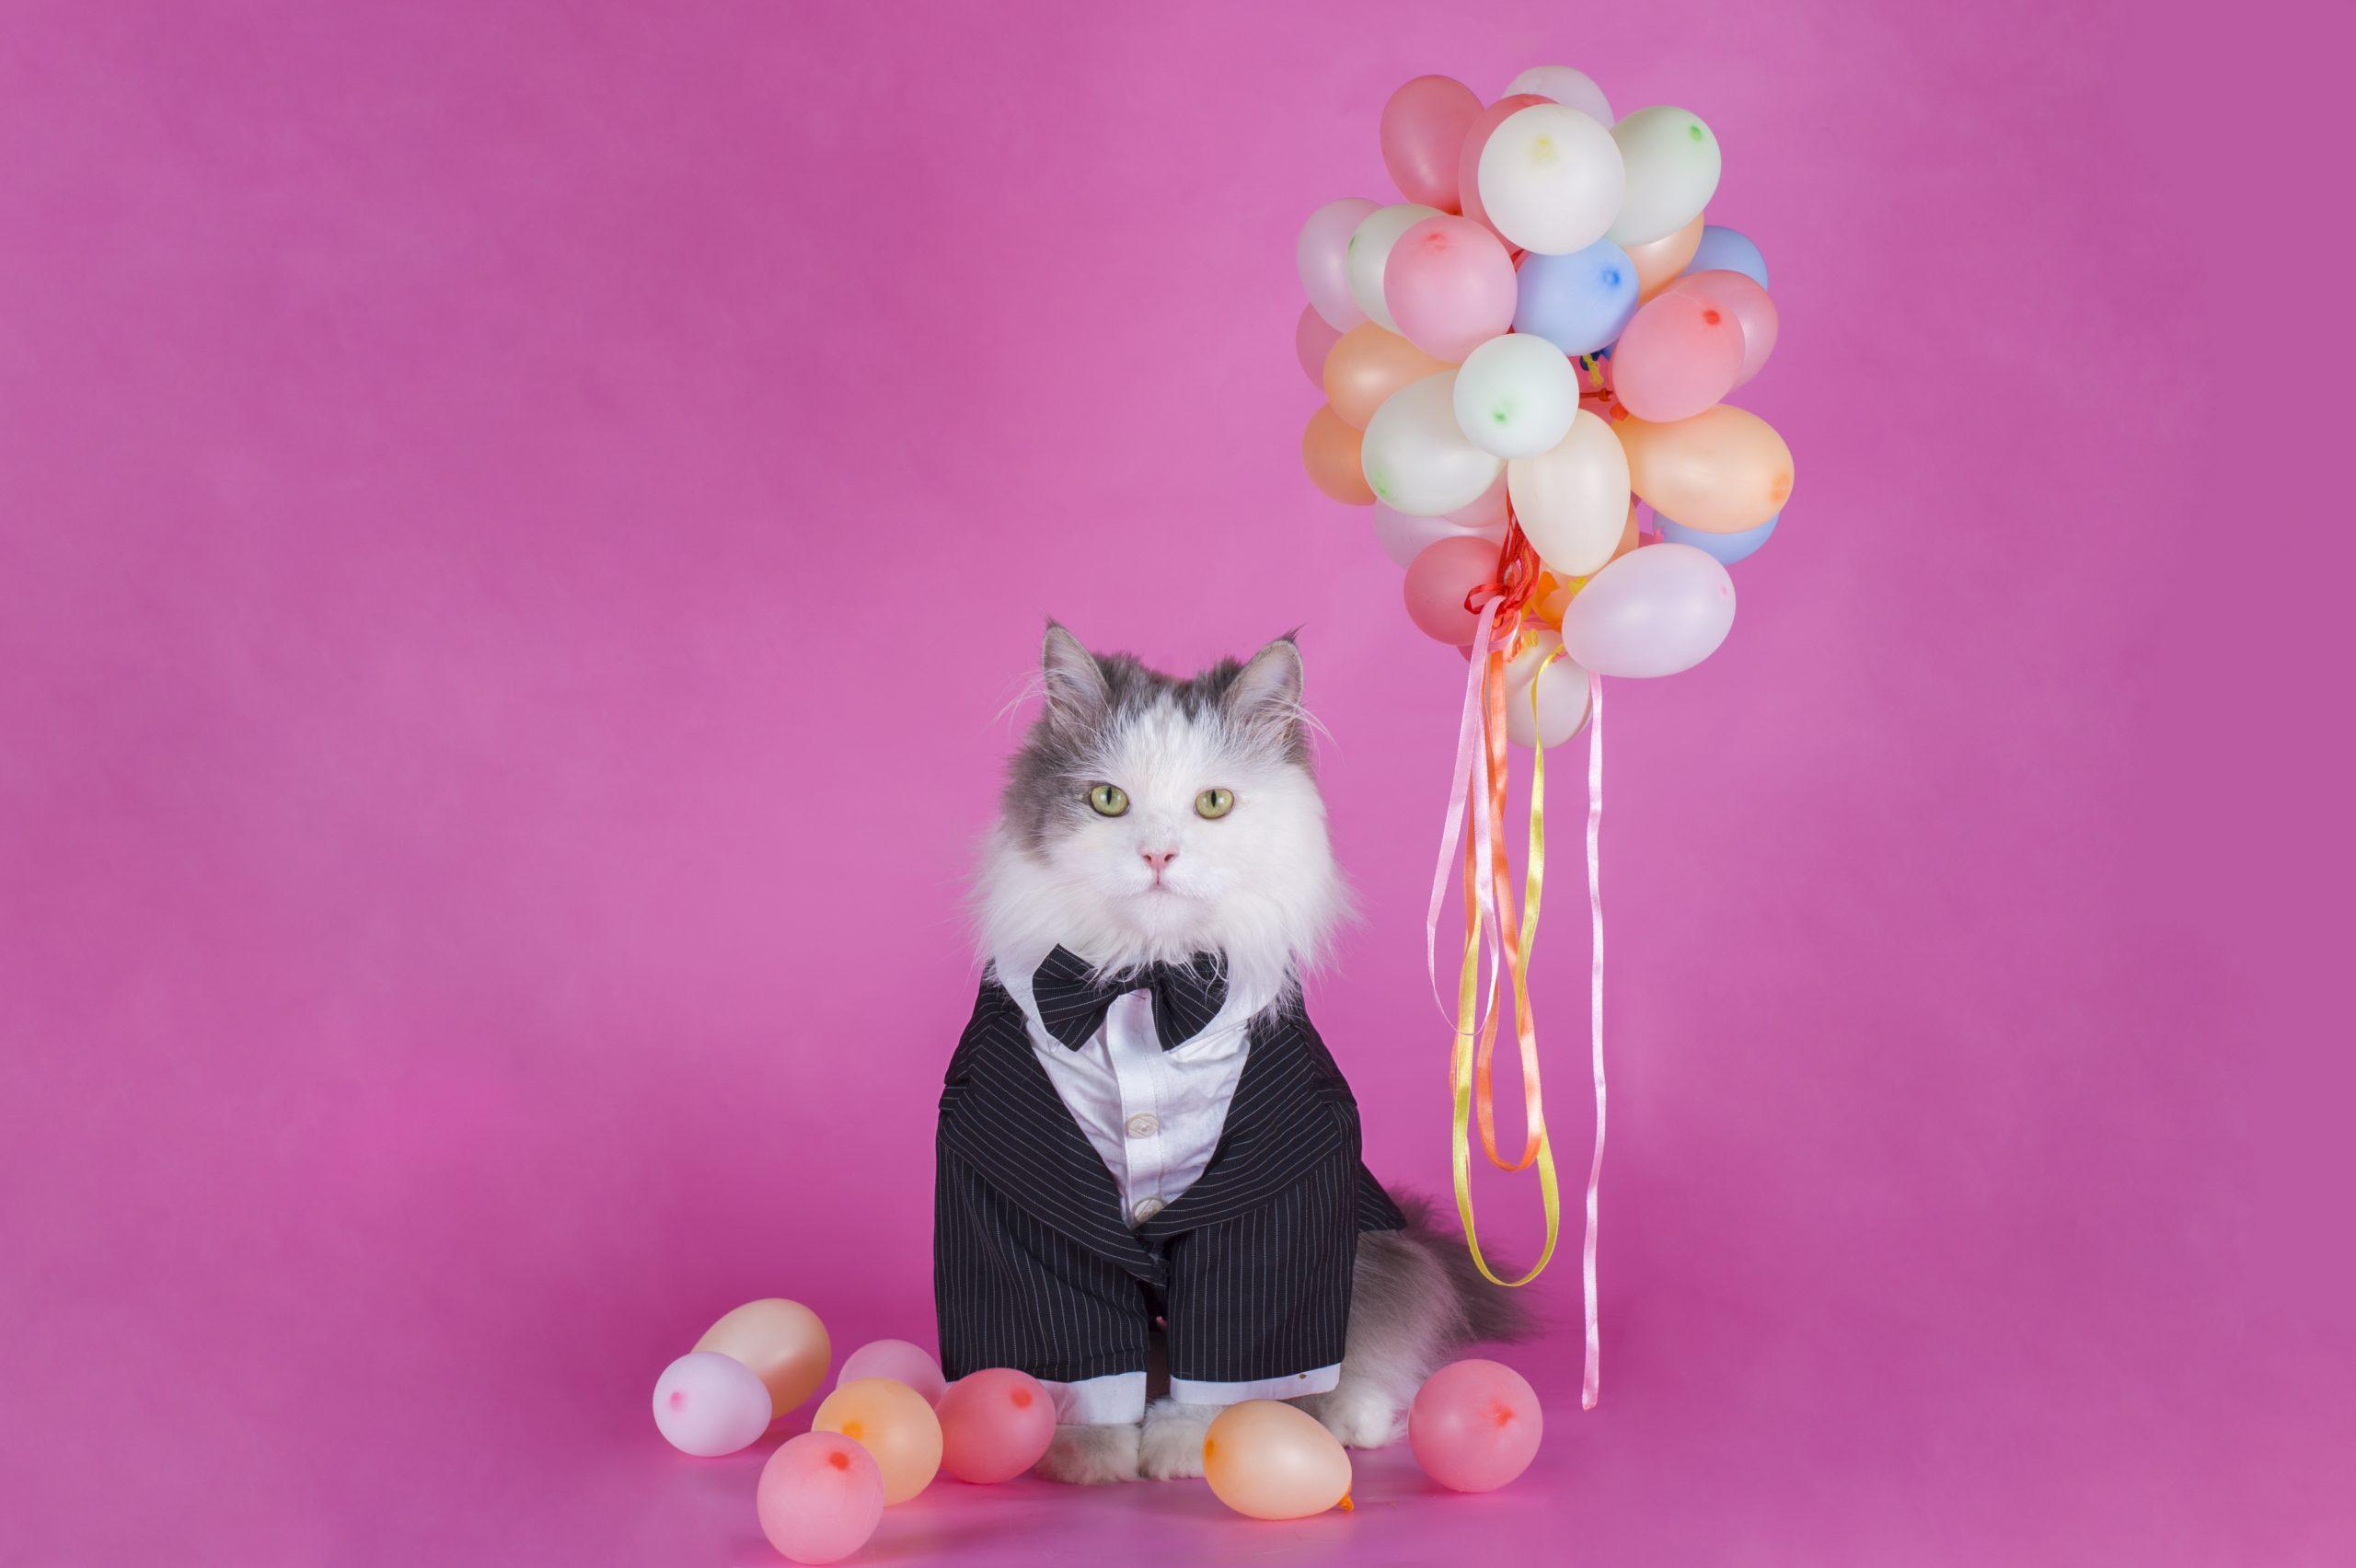 NFT-Hype um Stoner Cats: Cartoon-Kätzchen in 35 Minuten ausverkauft